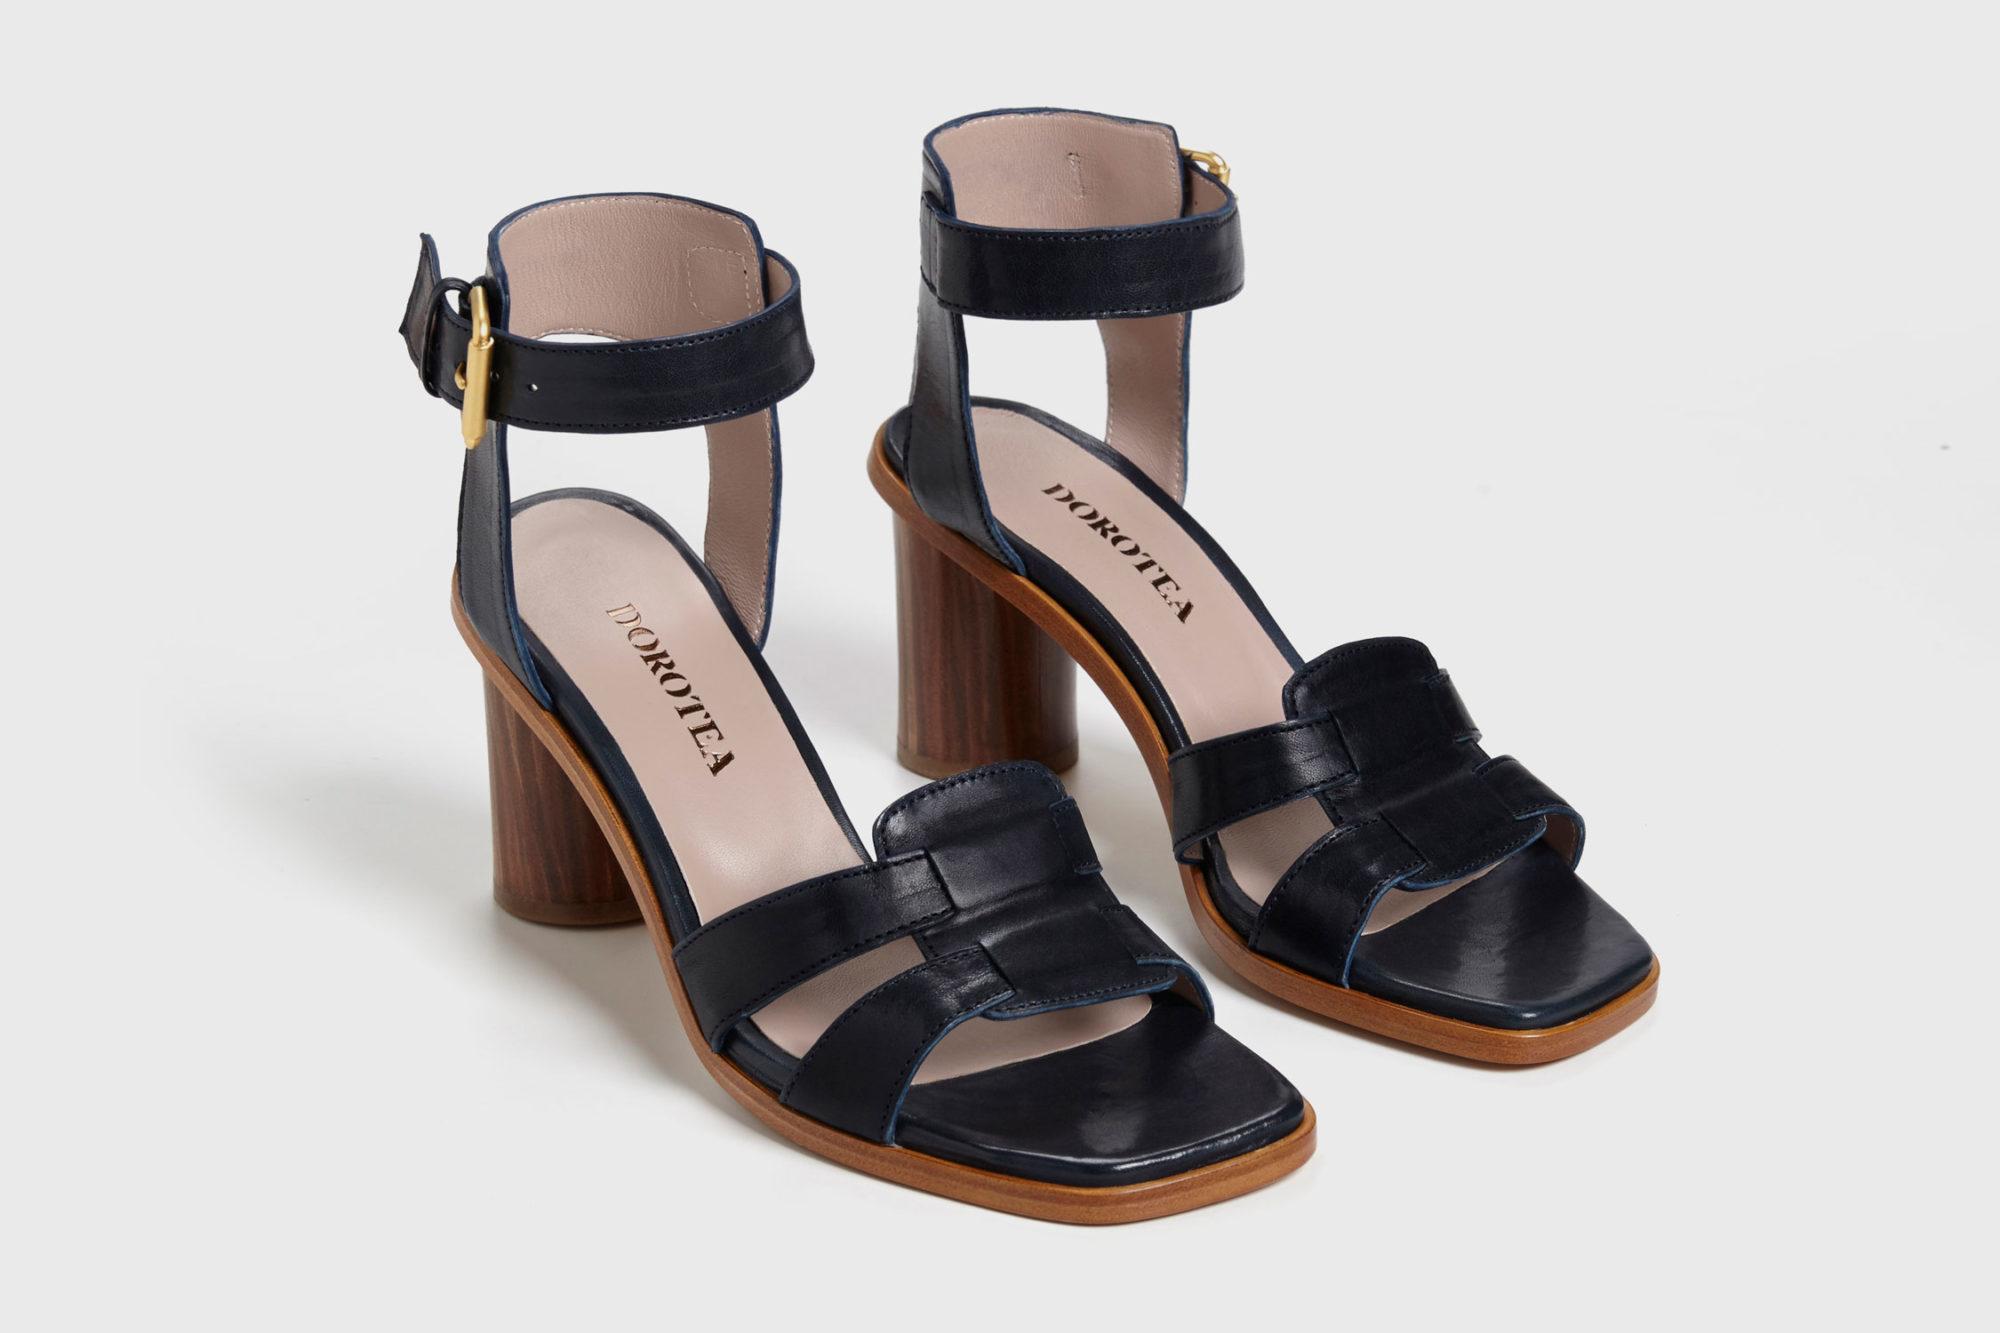 Dorotea sandalia de tacón alto Lianne azul marino ss17 par